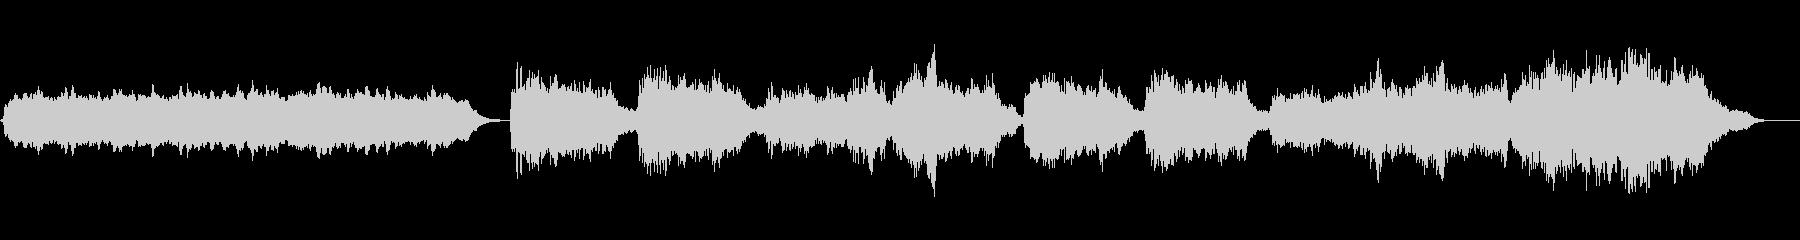 コラール 1番の未再生の波形